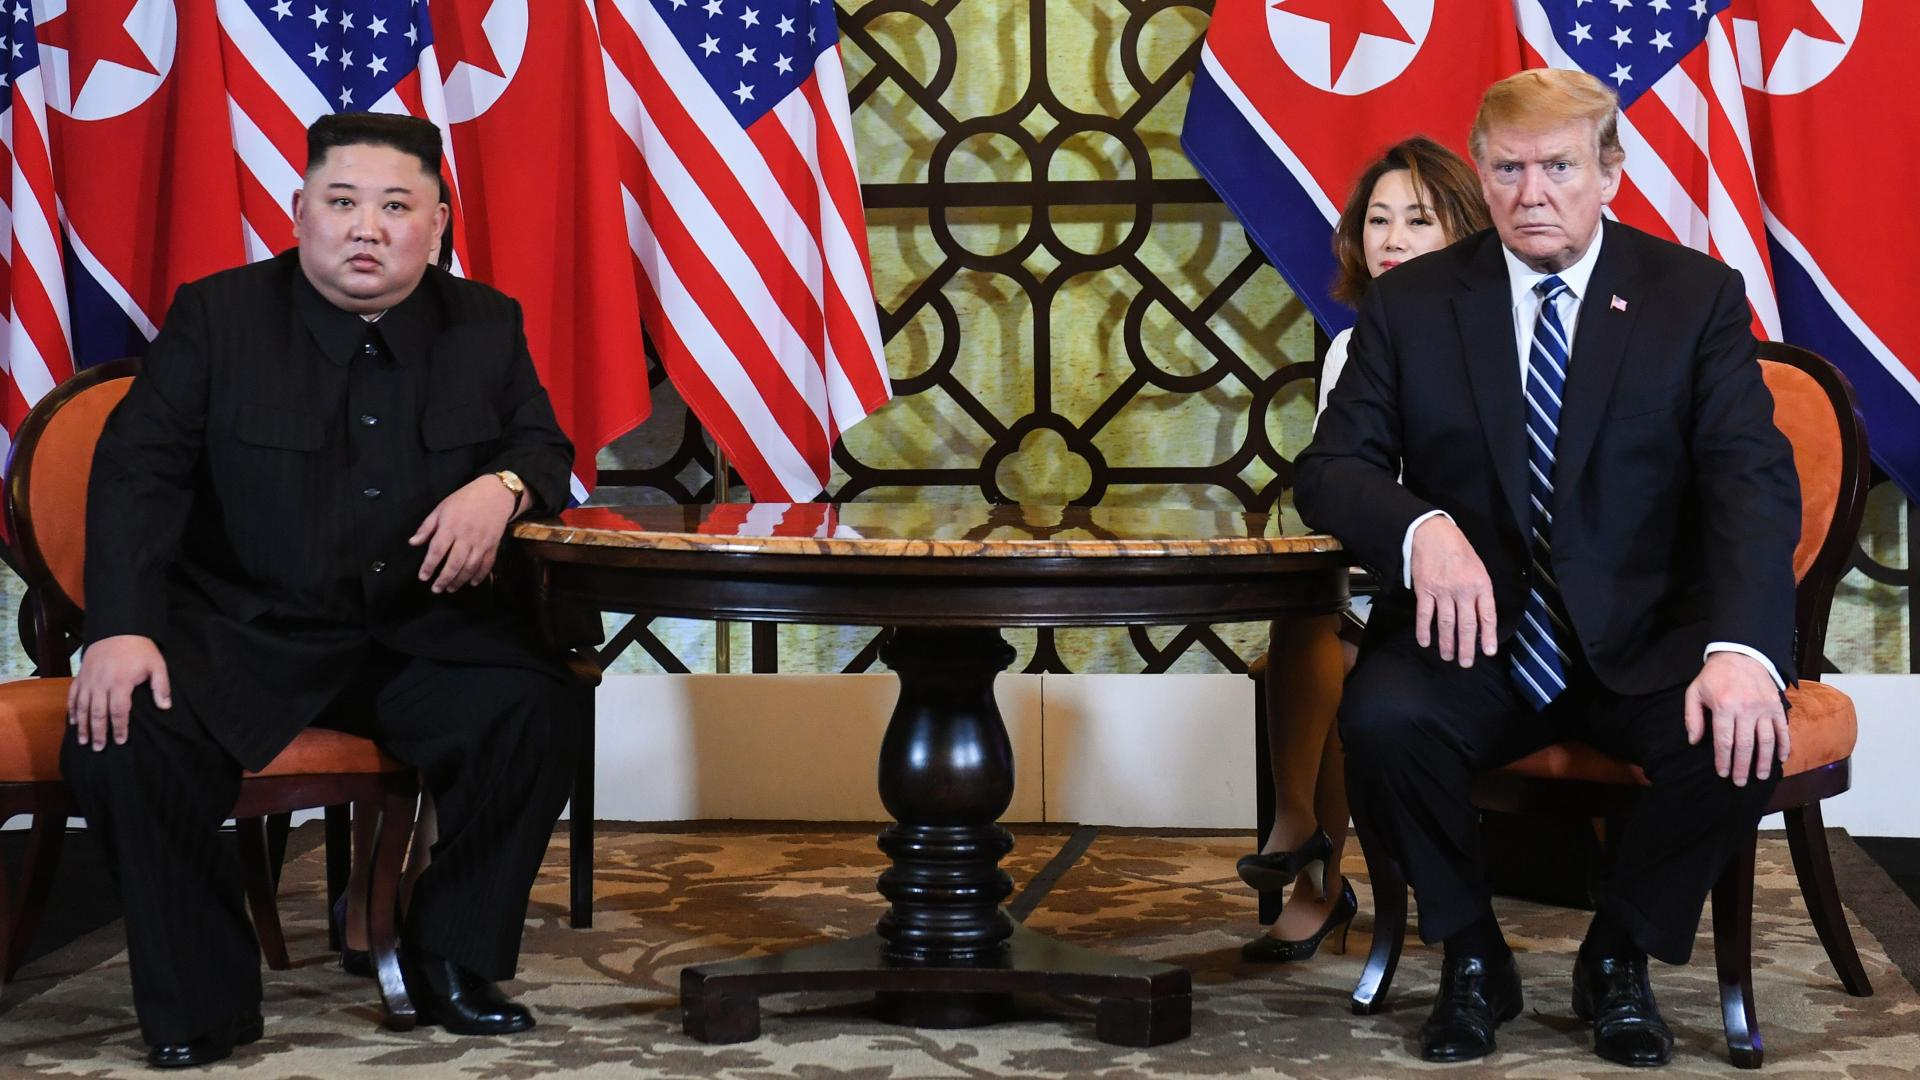 قمة أمريكا وكوريا الشمالية تنتهي مبكرا.. وترامب يتحدث عن السبب